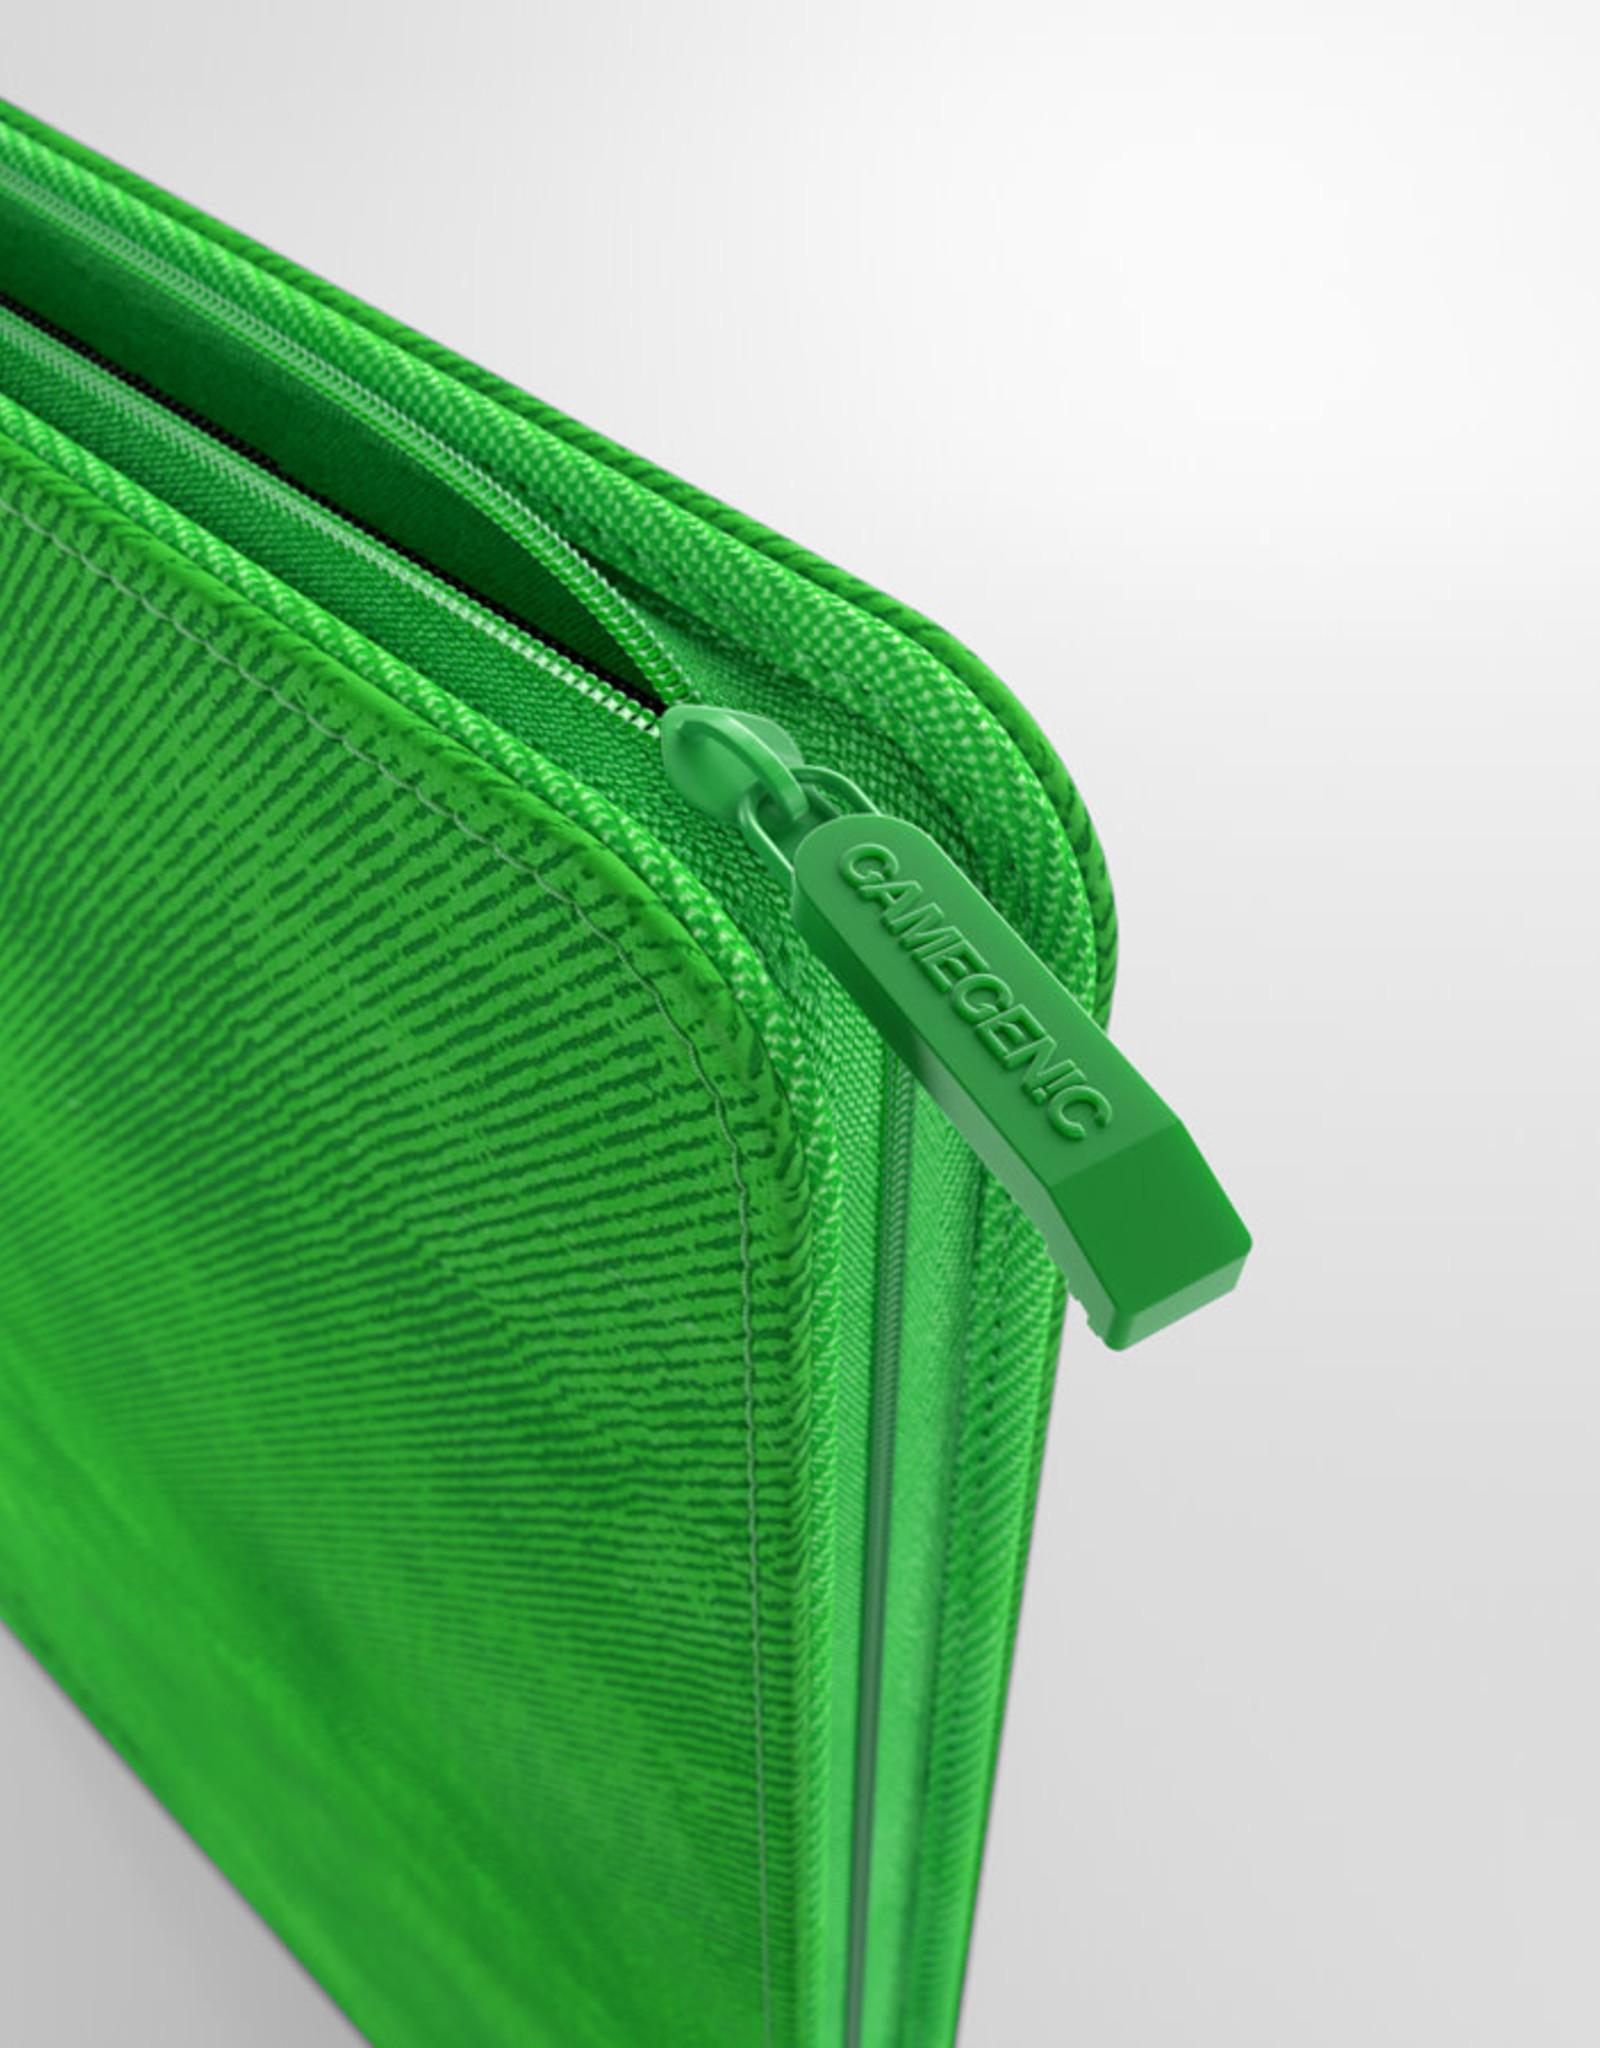 Binder: 24-Pocket Zip-Up Album Green